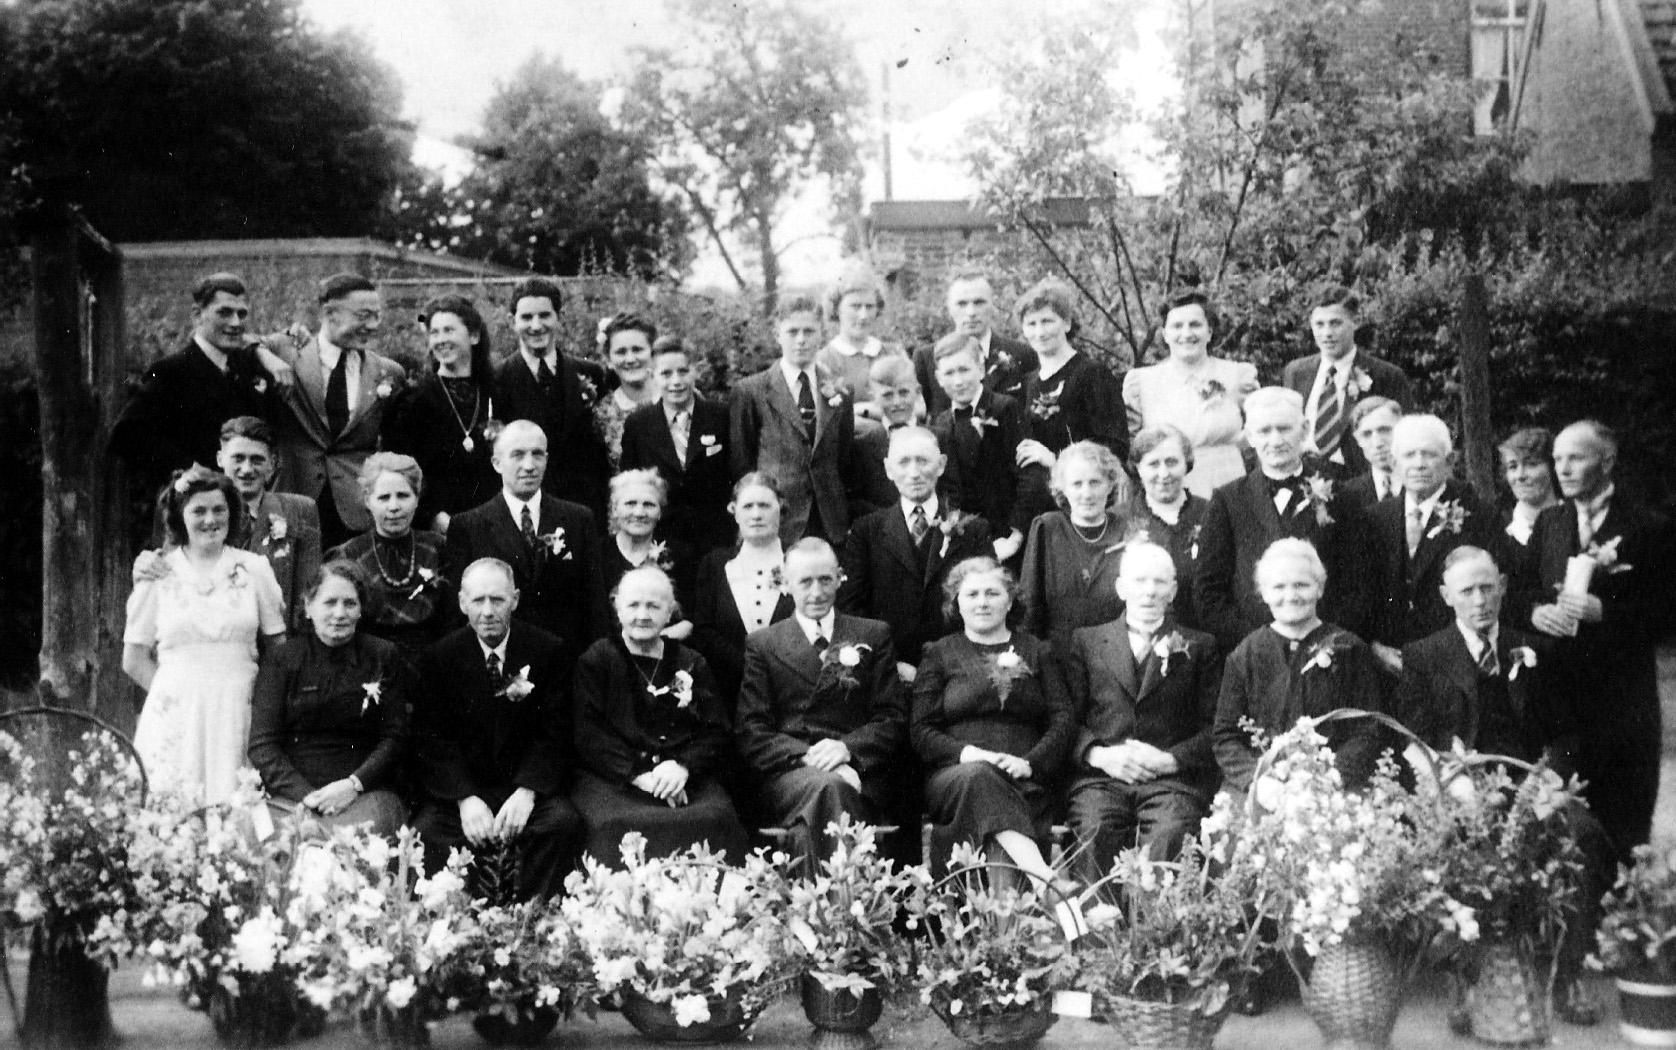 ca1950 Zilveren bruiloft Willem Berkelmans en Jaan van de Donk